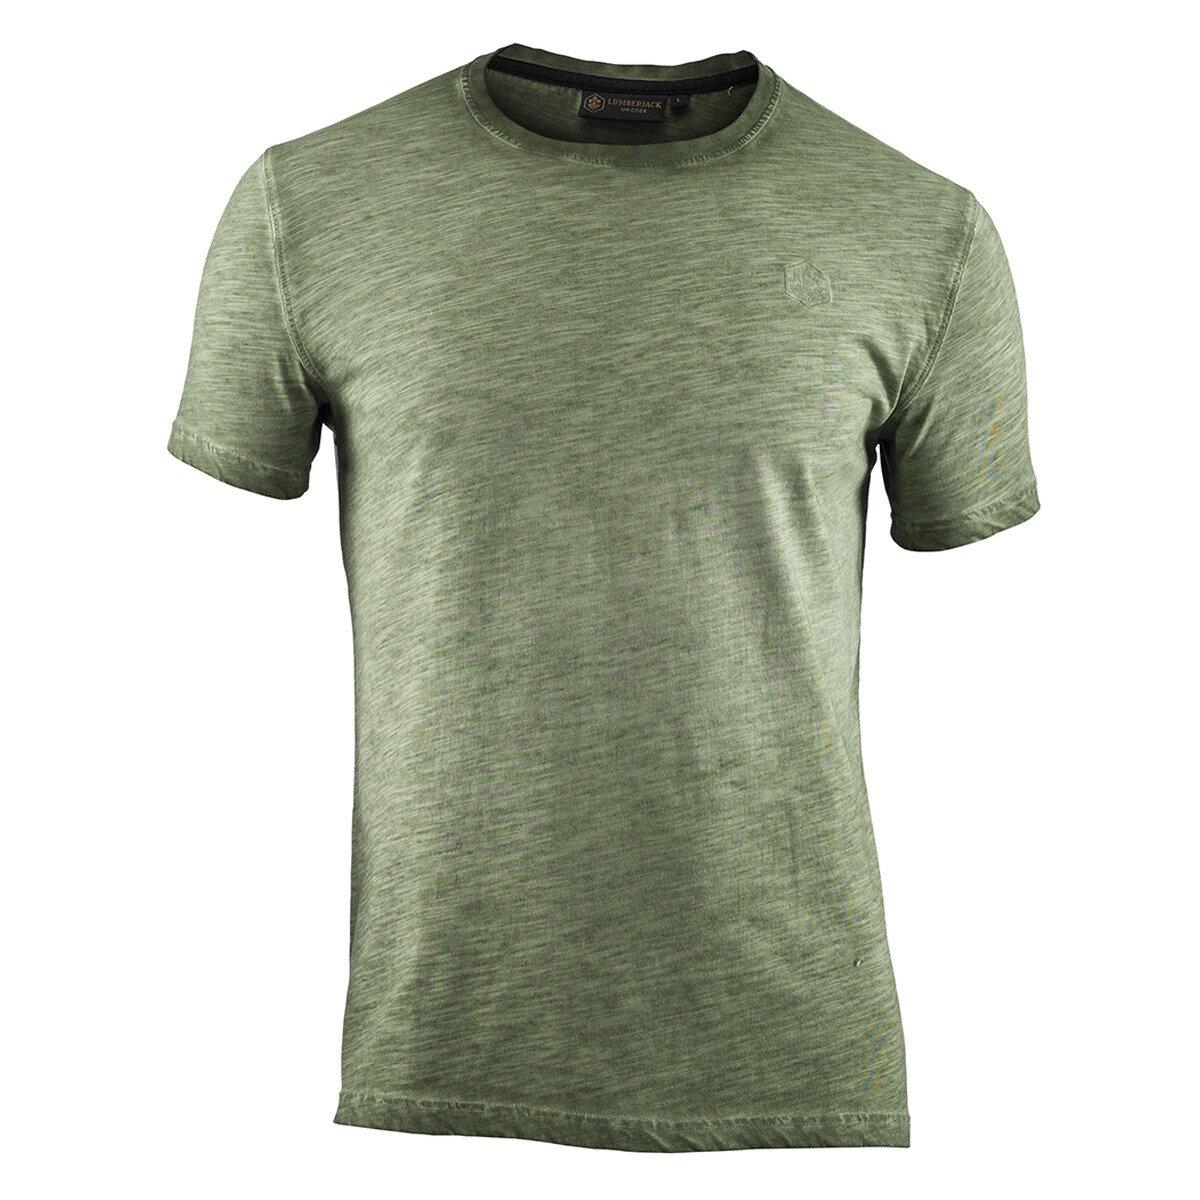 TEES SALVIA Man T-Shirts